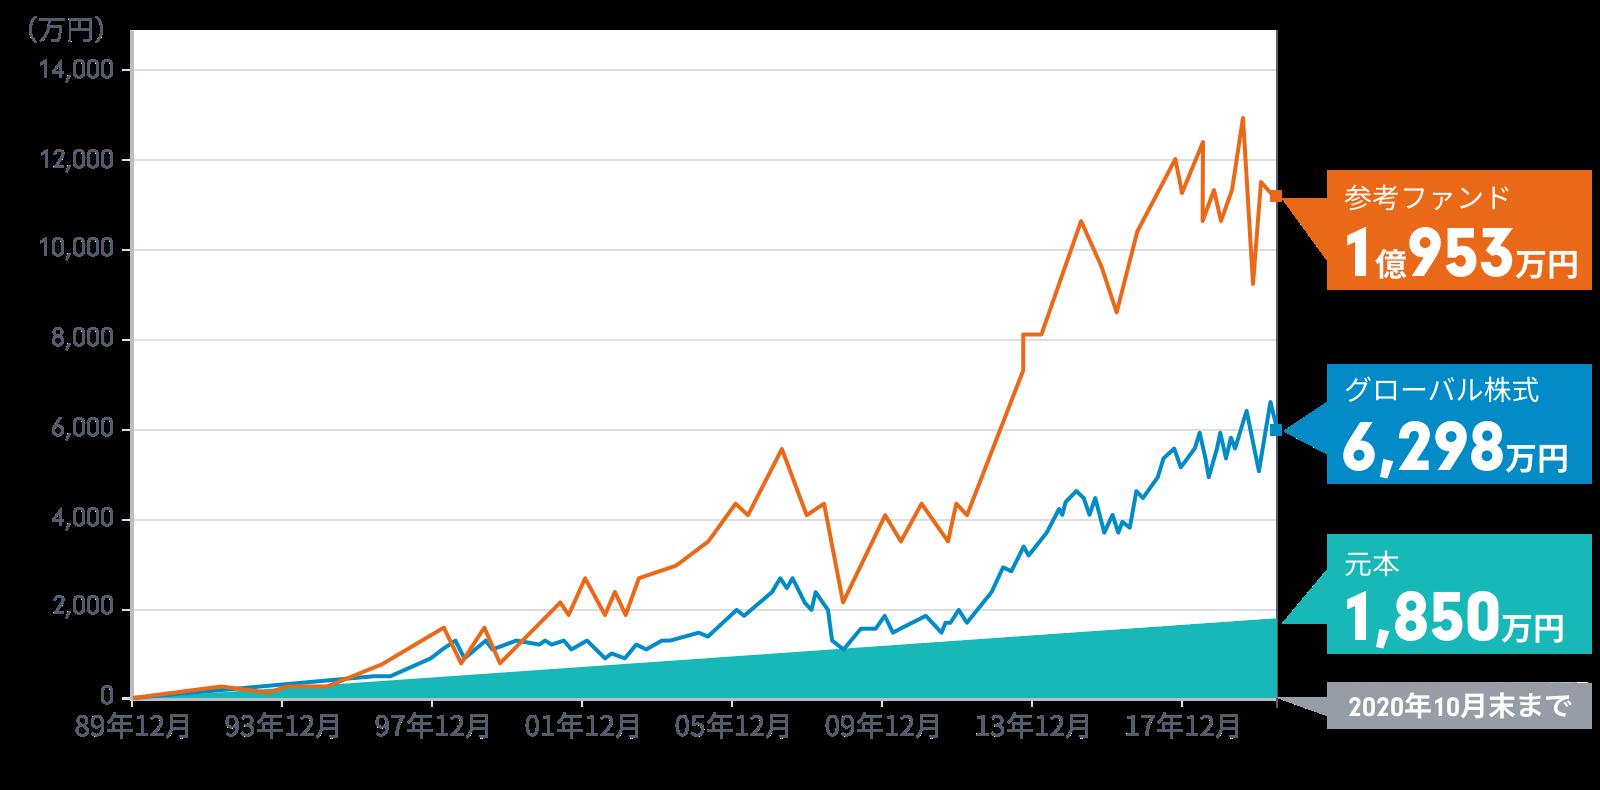 投信 株 成長 世界 フィデリティ 割安 野村證券